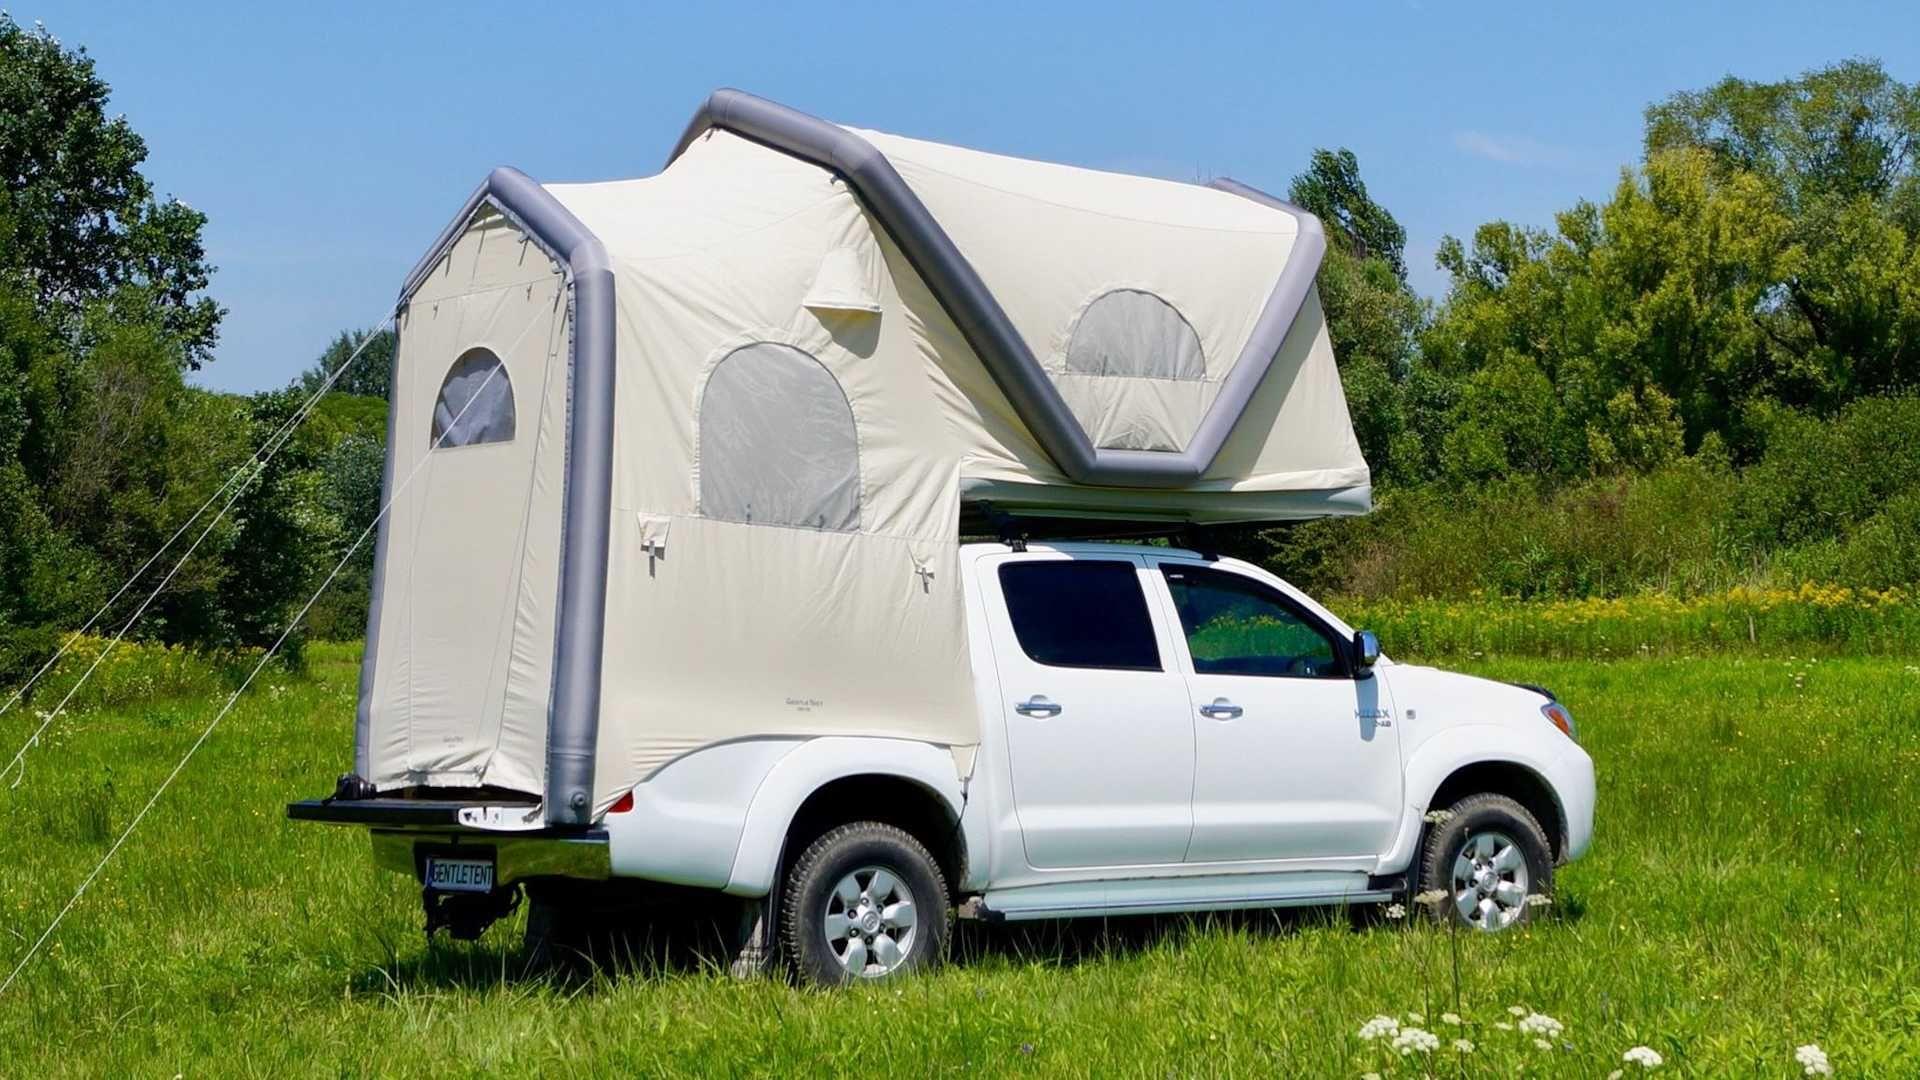 充氣式結構讓「GT Pickup」車頂帳篷提供了令人驚豔的寬敞生活空間